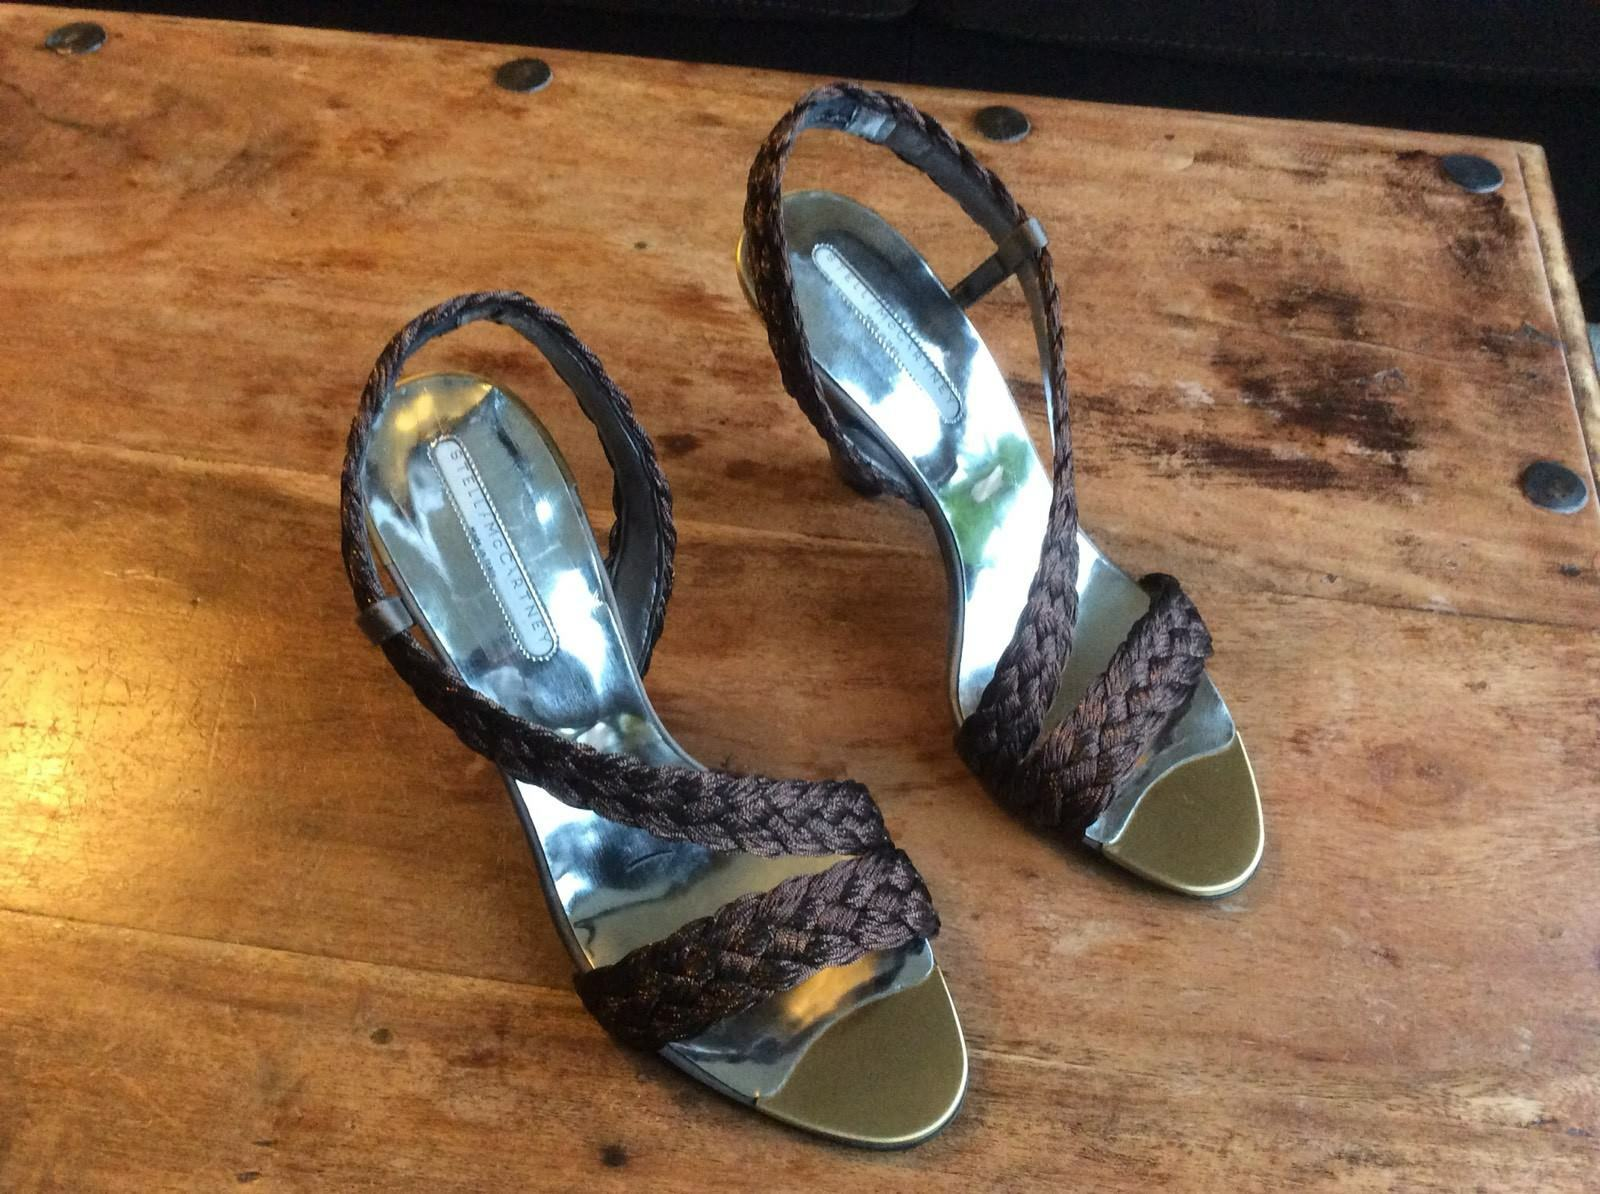 Stella McCartney Chaussures femmes, taille 6 39